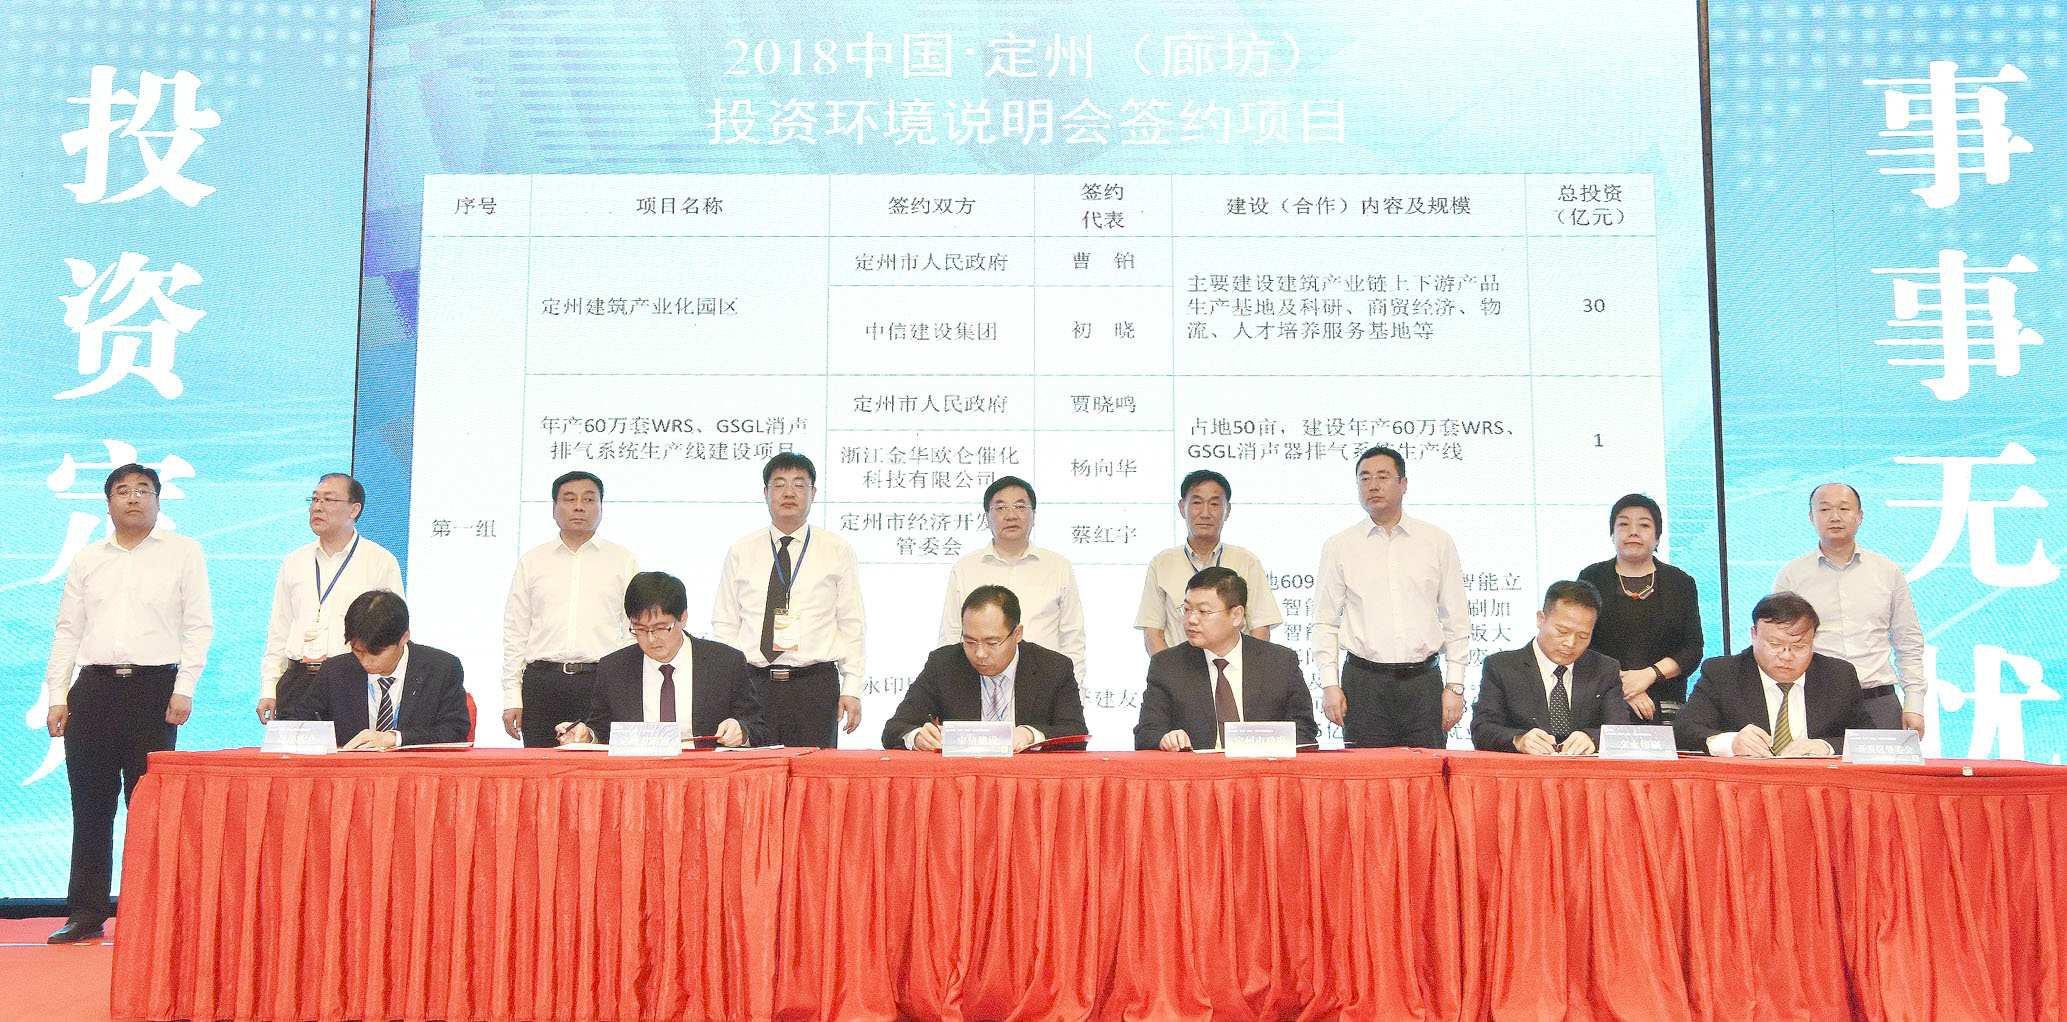 2018中国·定州投资环境说明会在廊坊举行